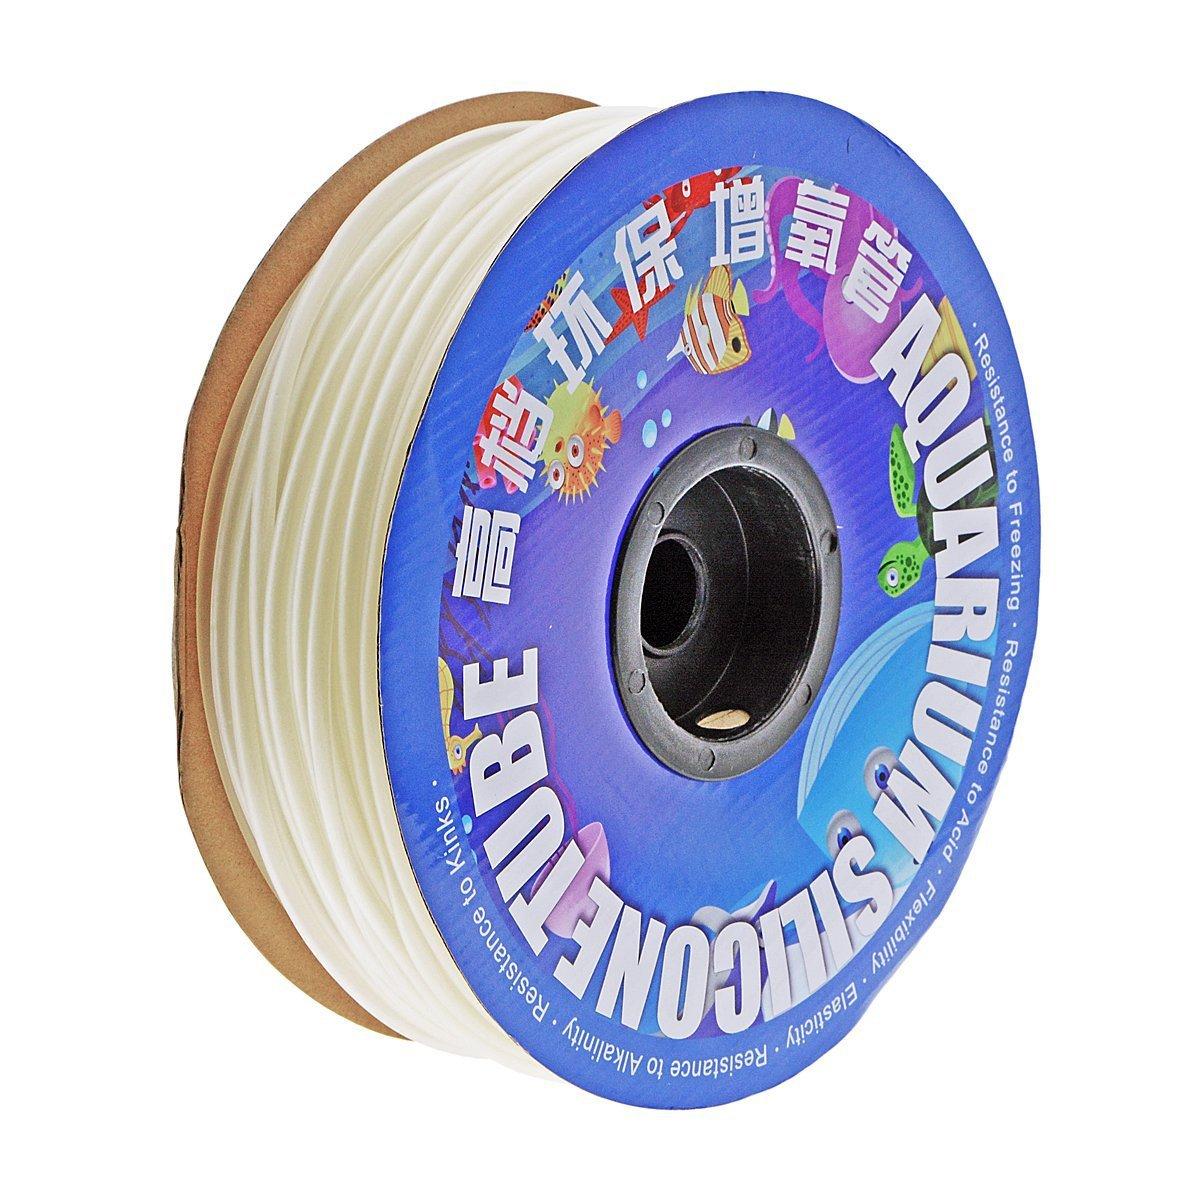 Saim Flexible Air Line Tubing for Aquariums, Airline Tubing 300-Foot Spool (Clear White)